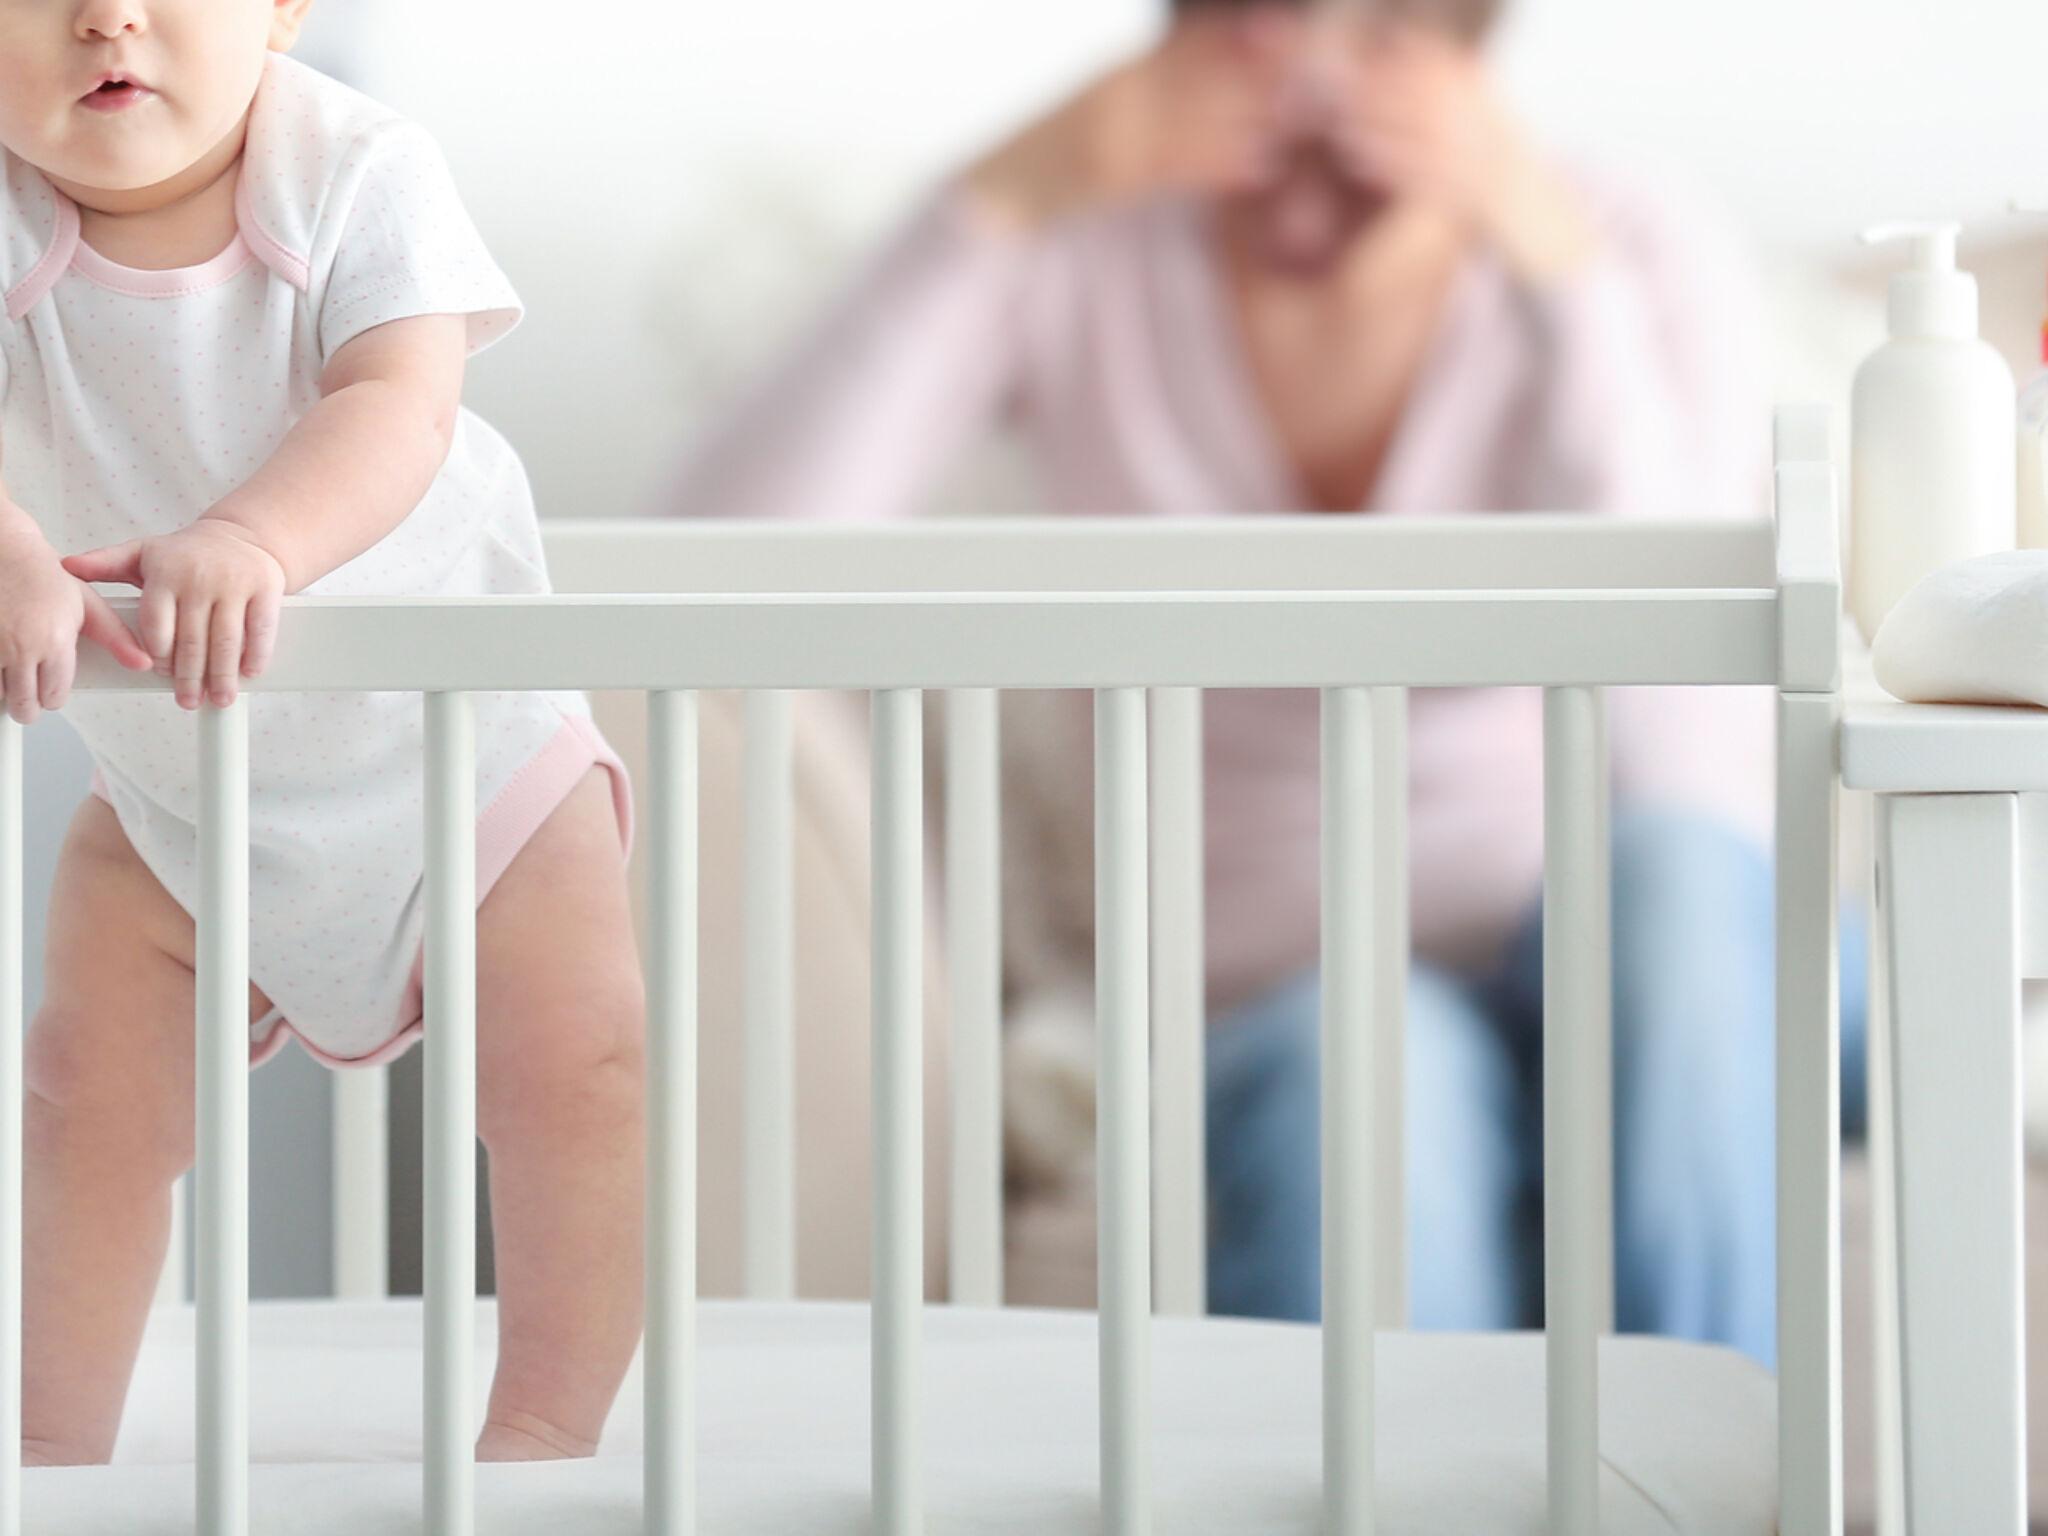 ゲージの中にいる赤ちゃんの前で頭を抱える母親の画像